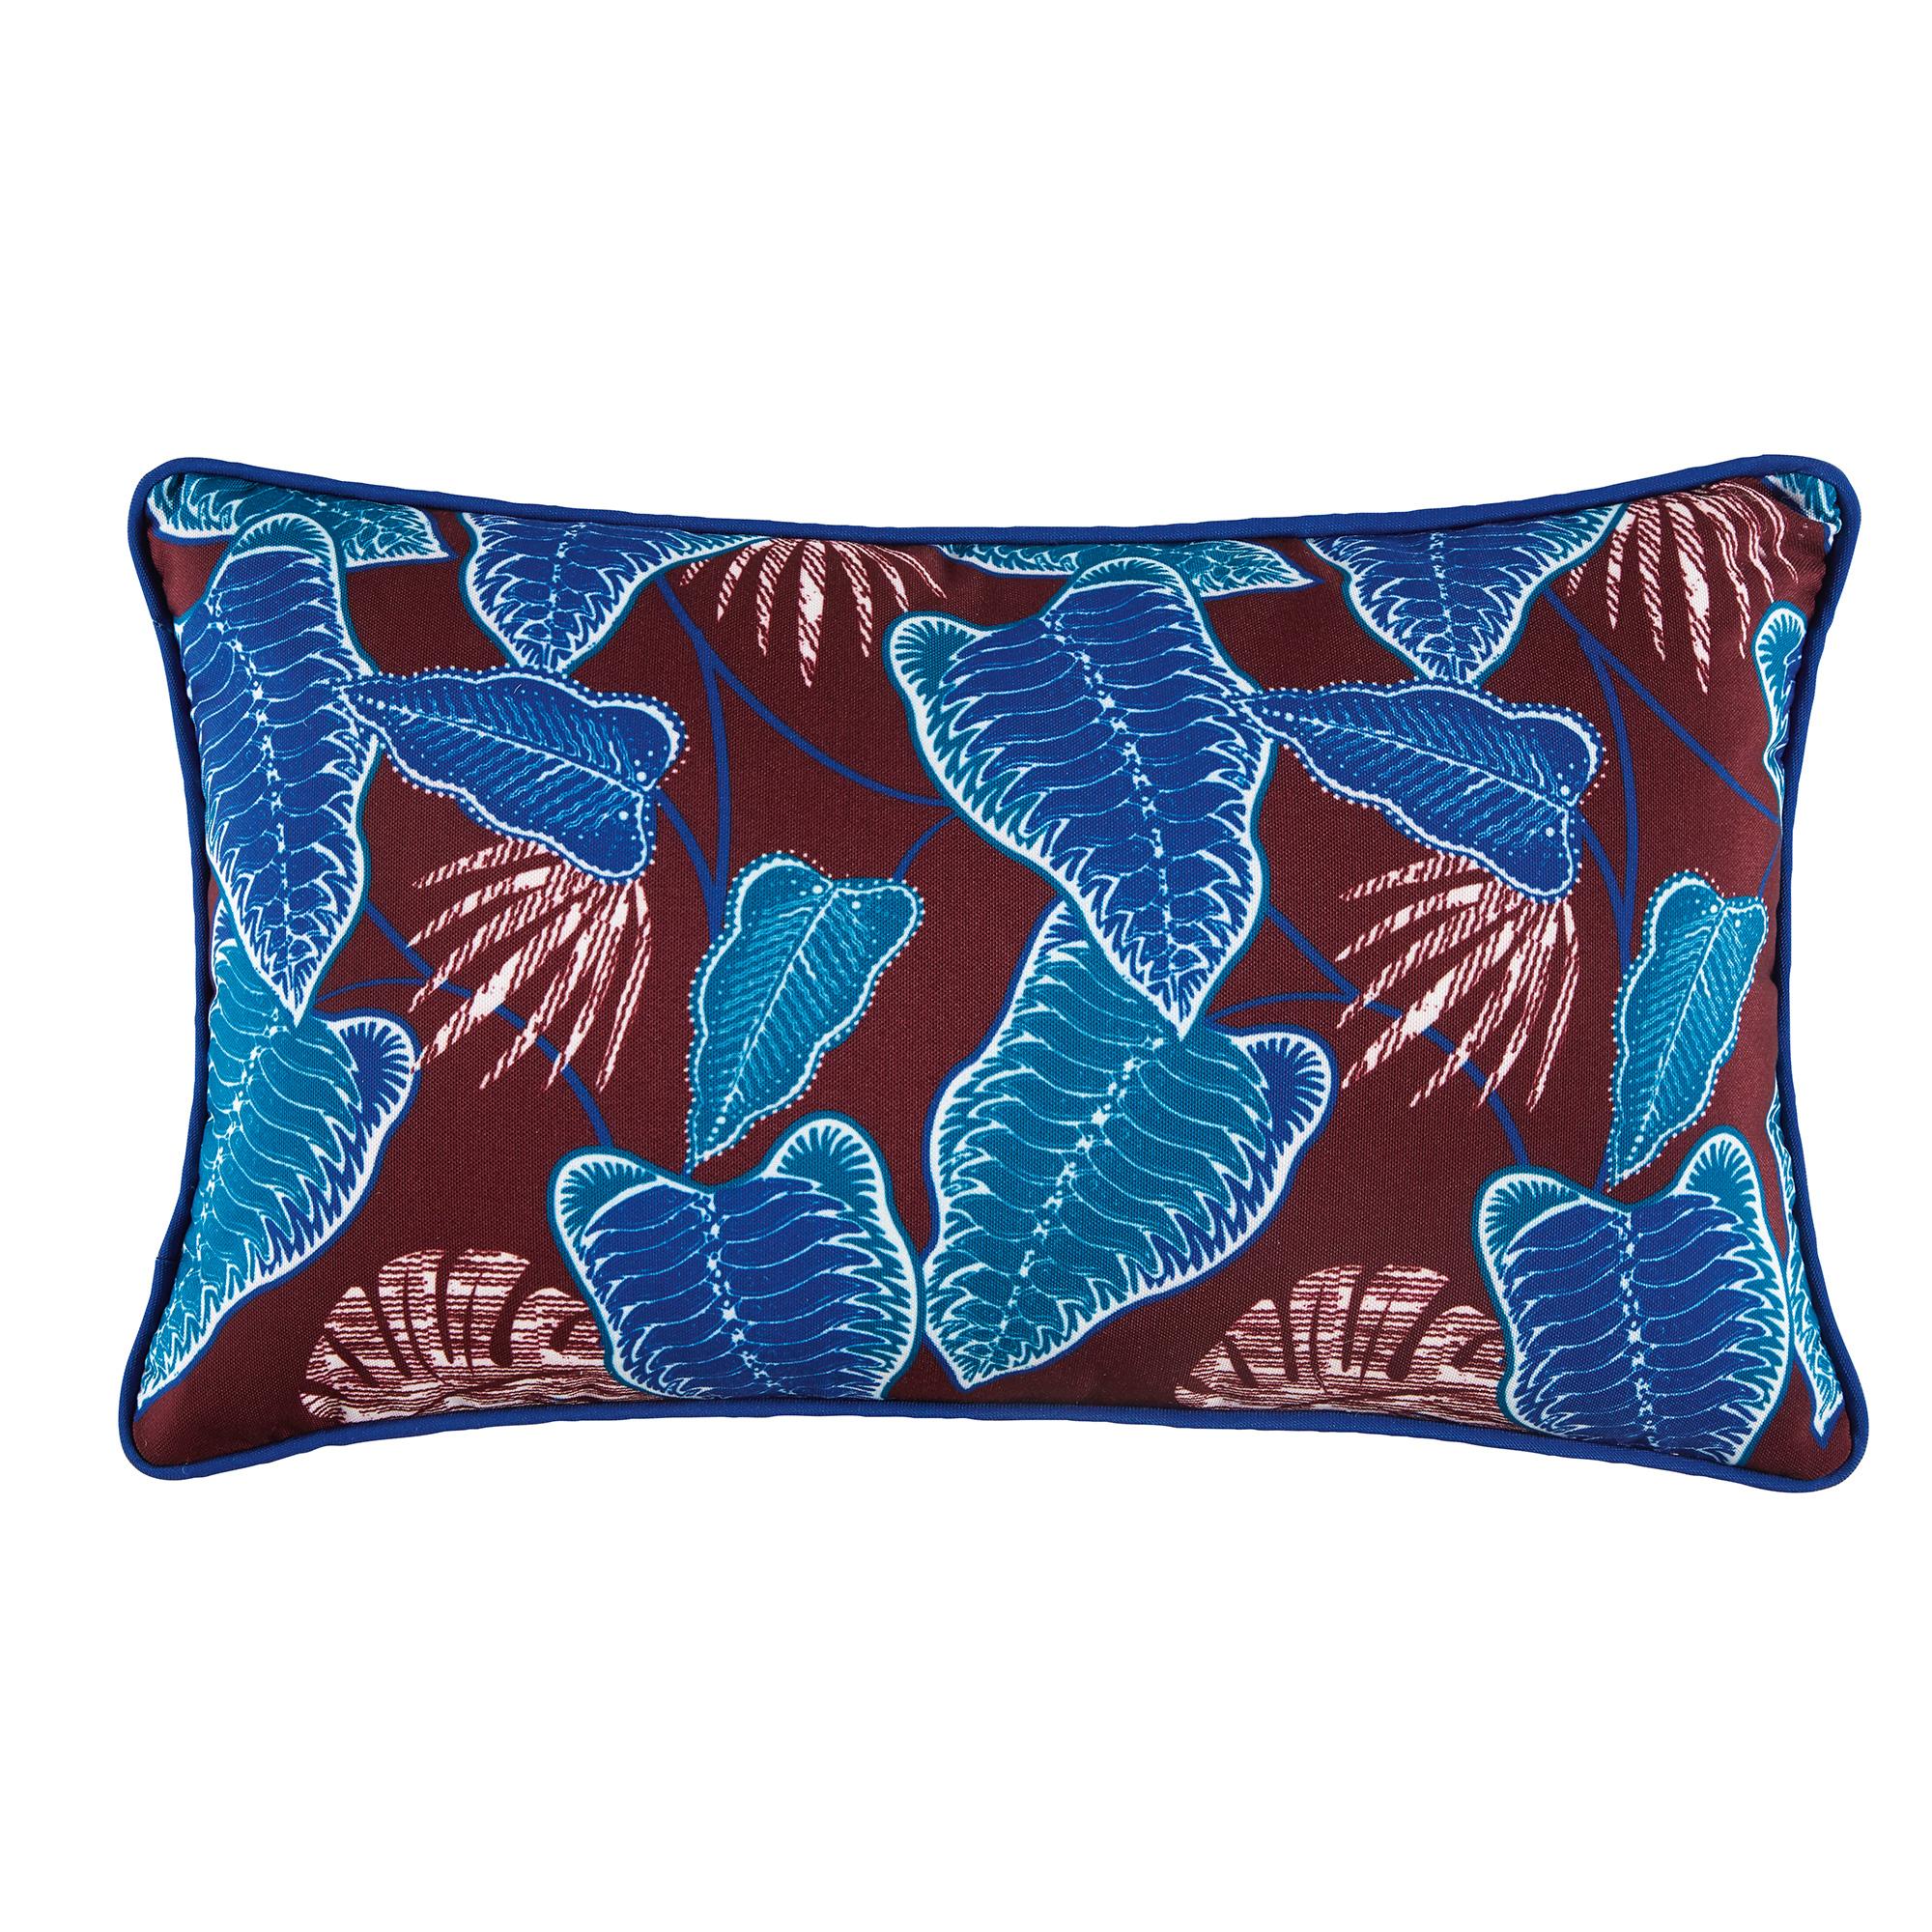 Cojín marrón con estampado de motivos vegetales azules 30x50